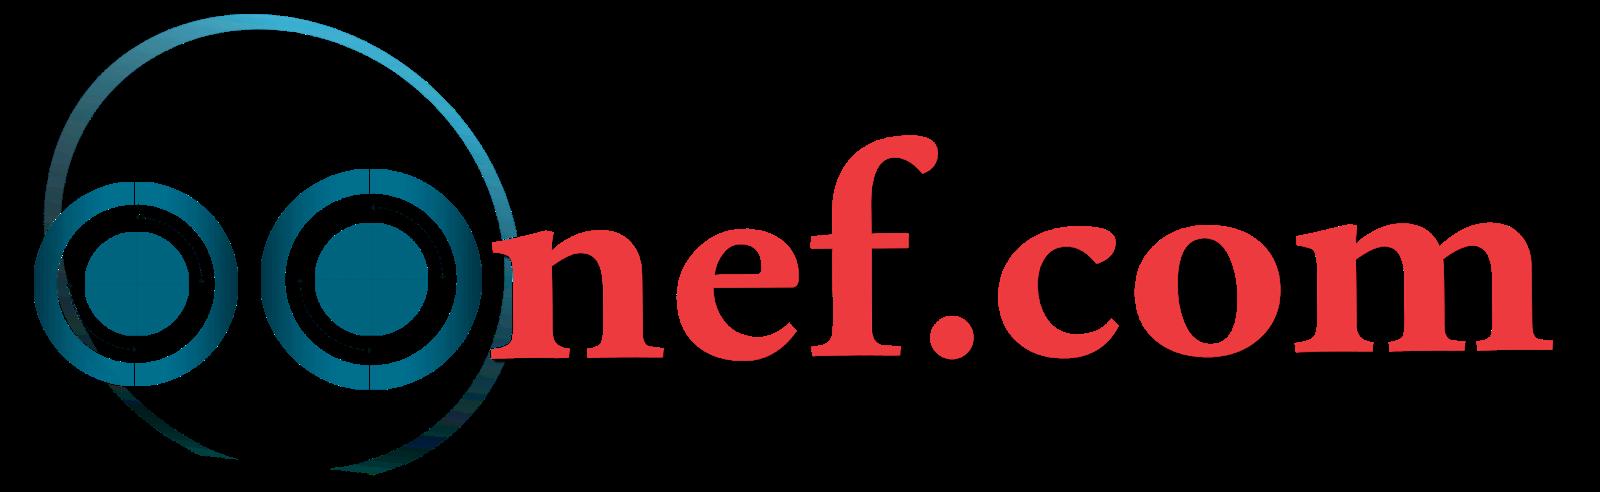 oOnef.com